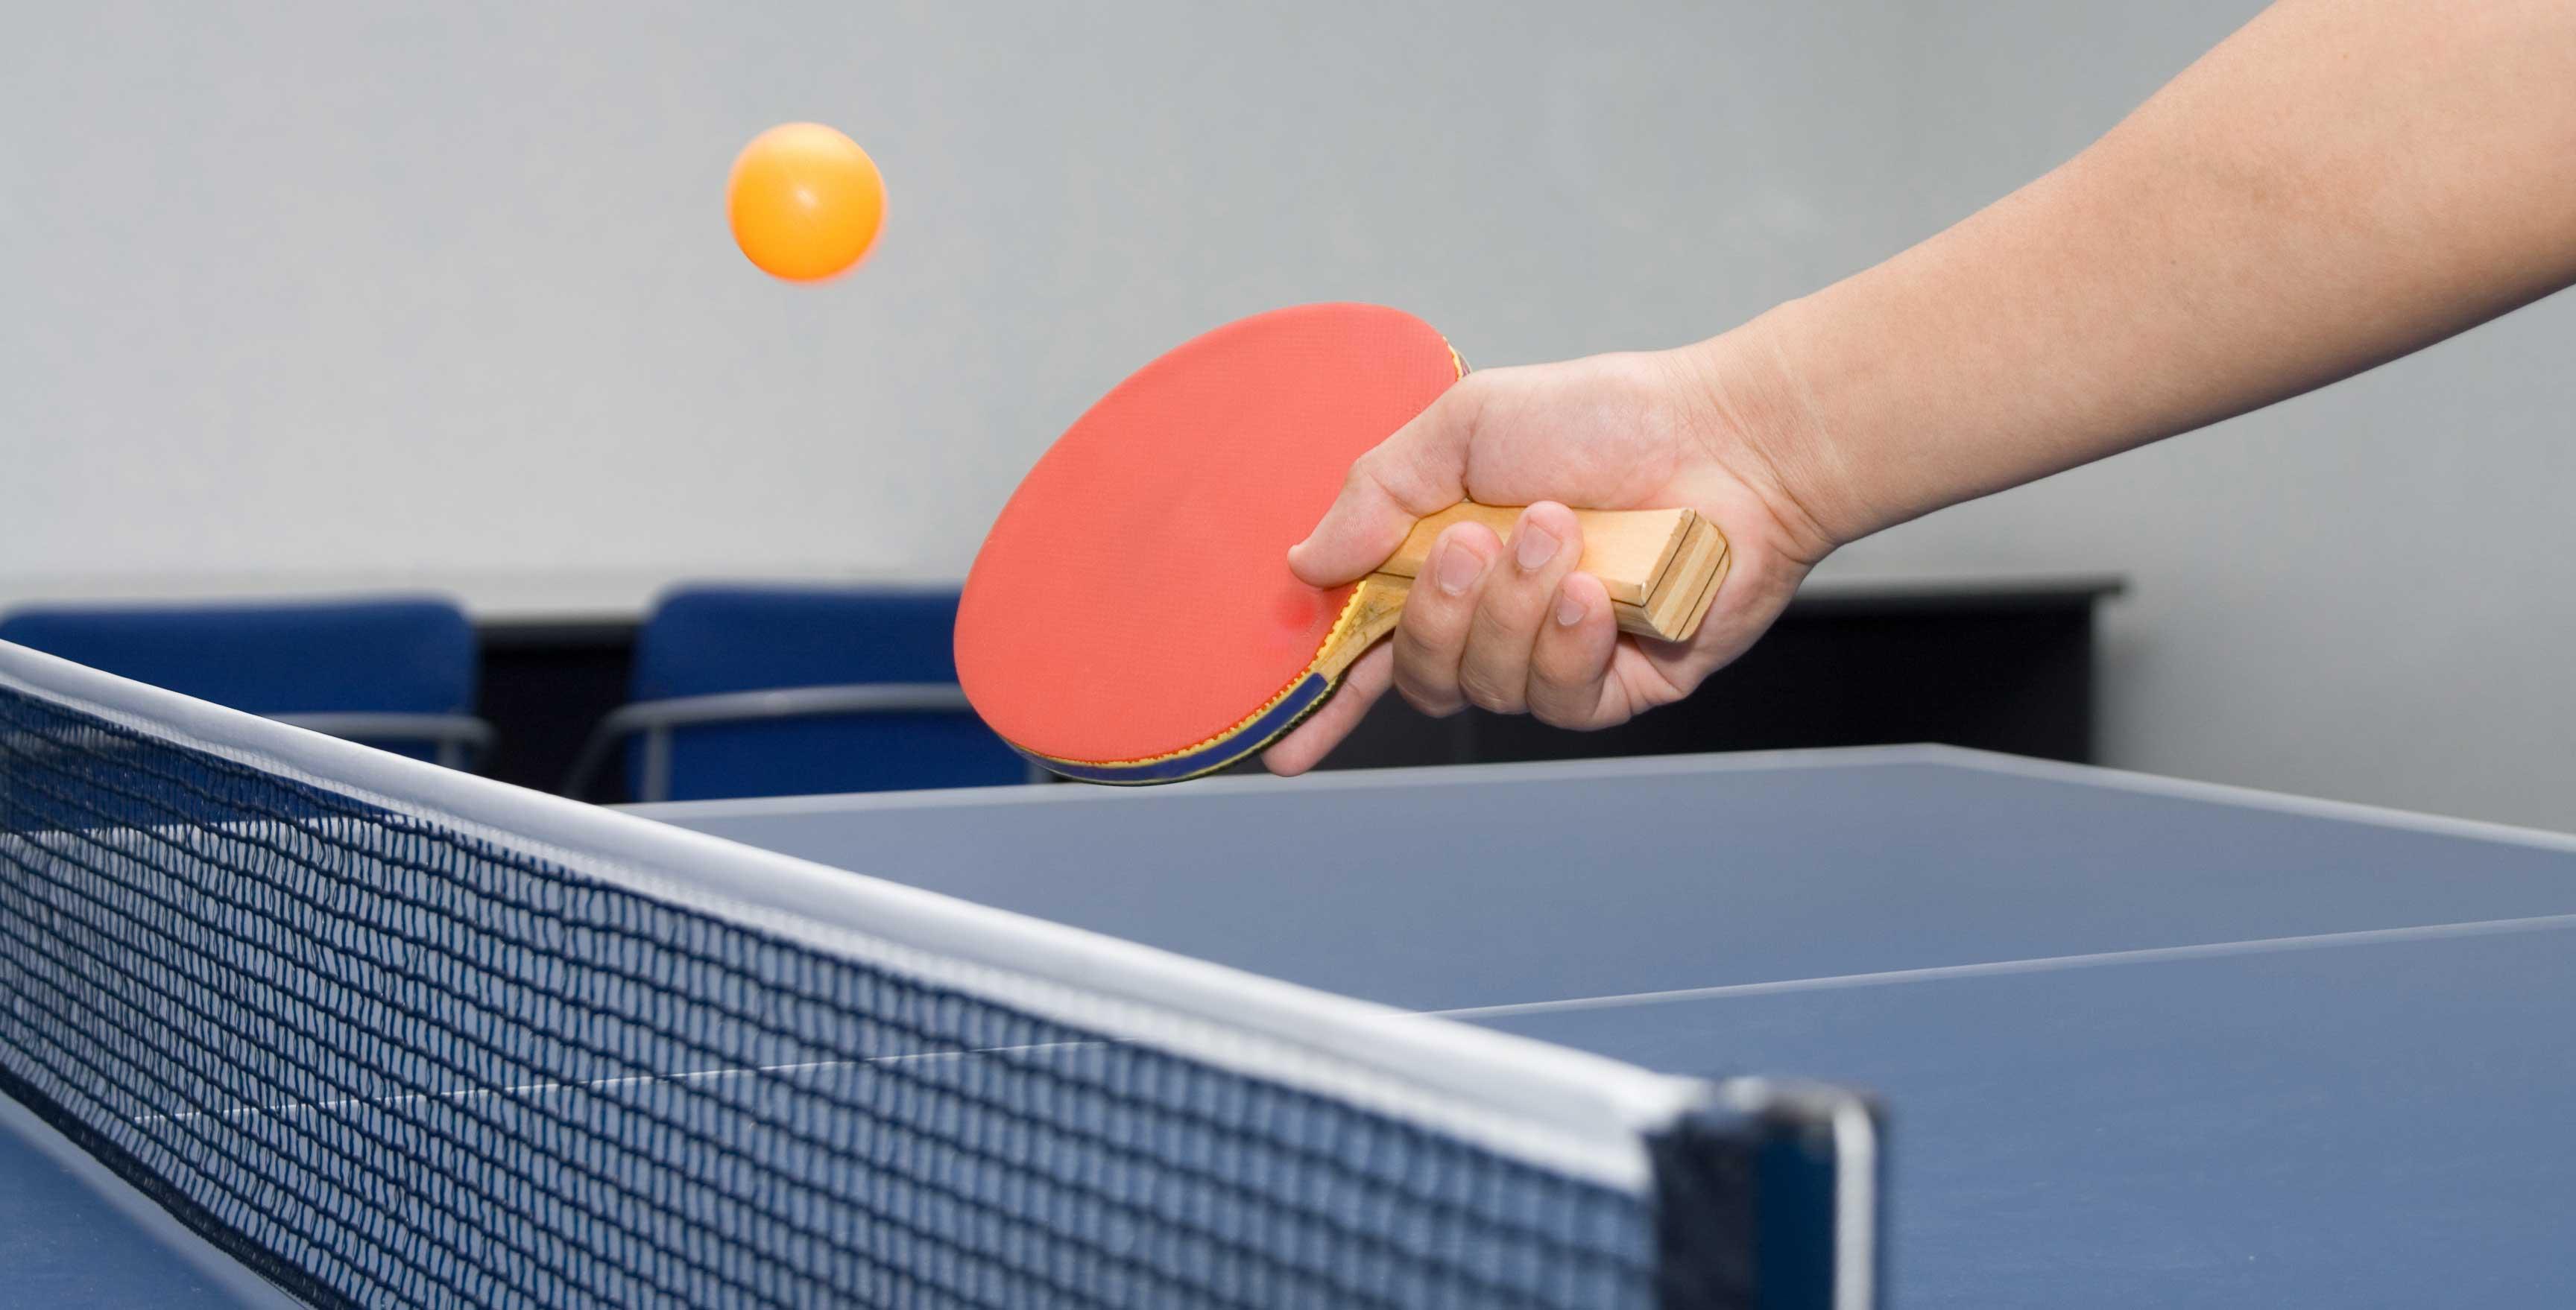 стойкая, поздравления в настольном теннисе пойму только